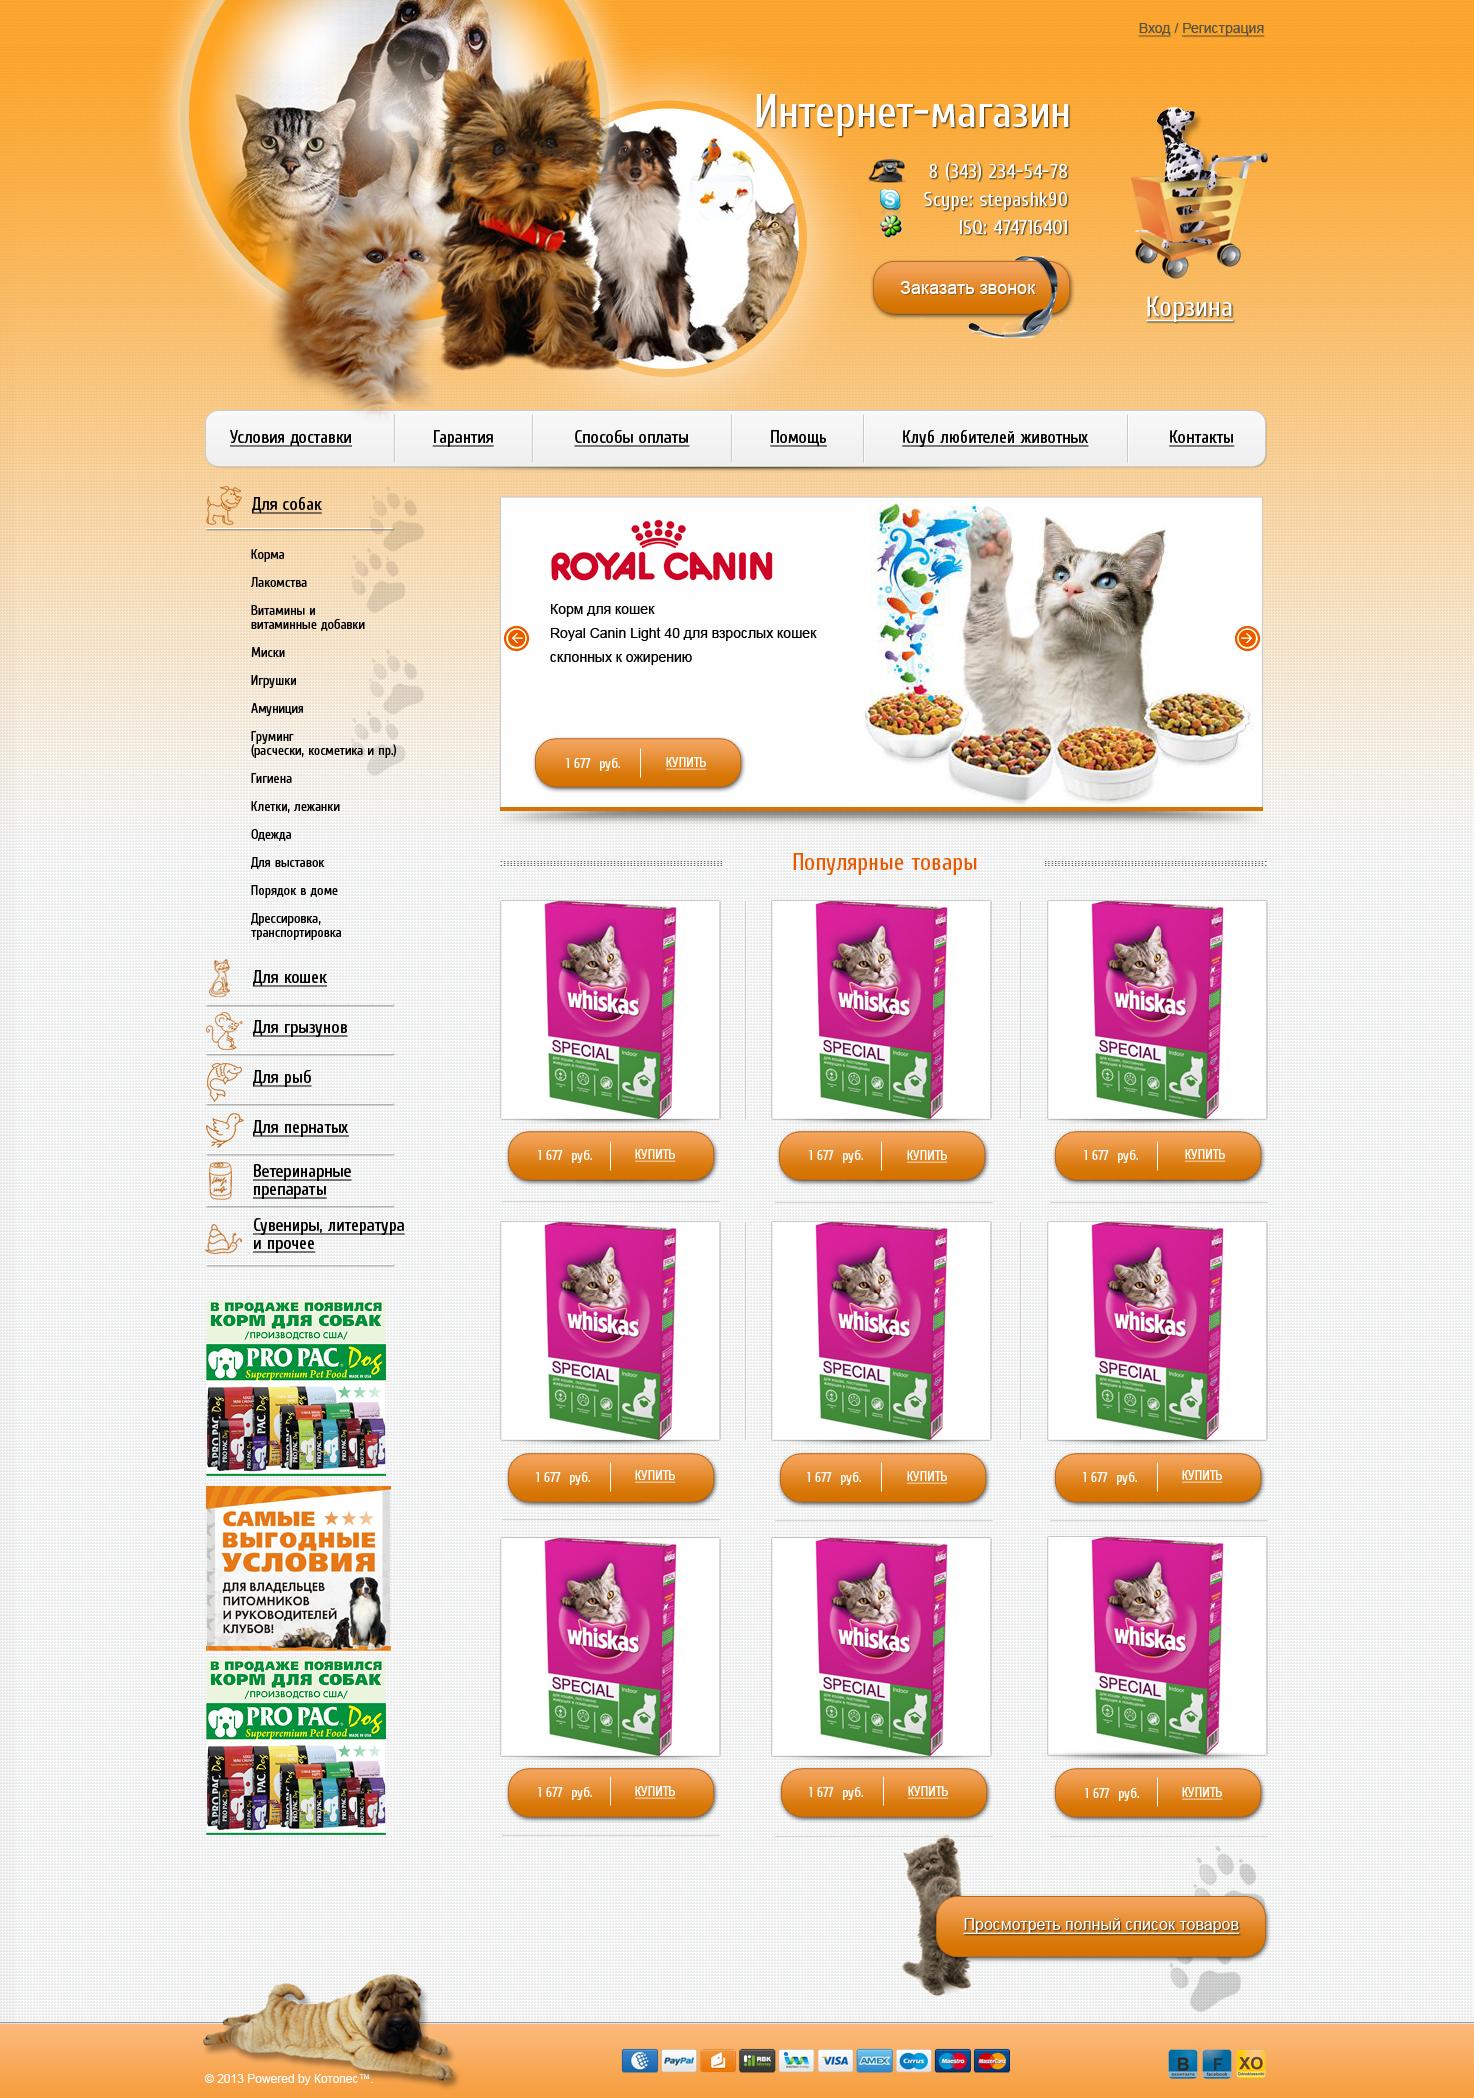 Интернет - магазин корма для животных